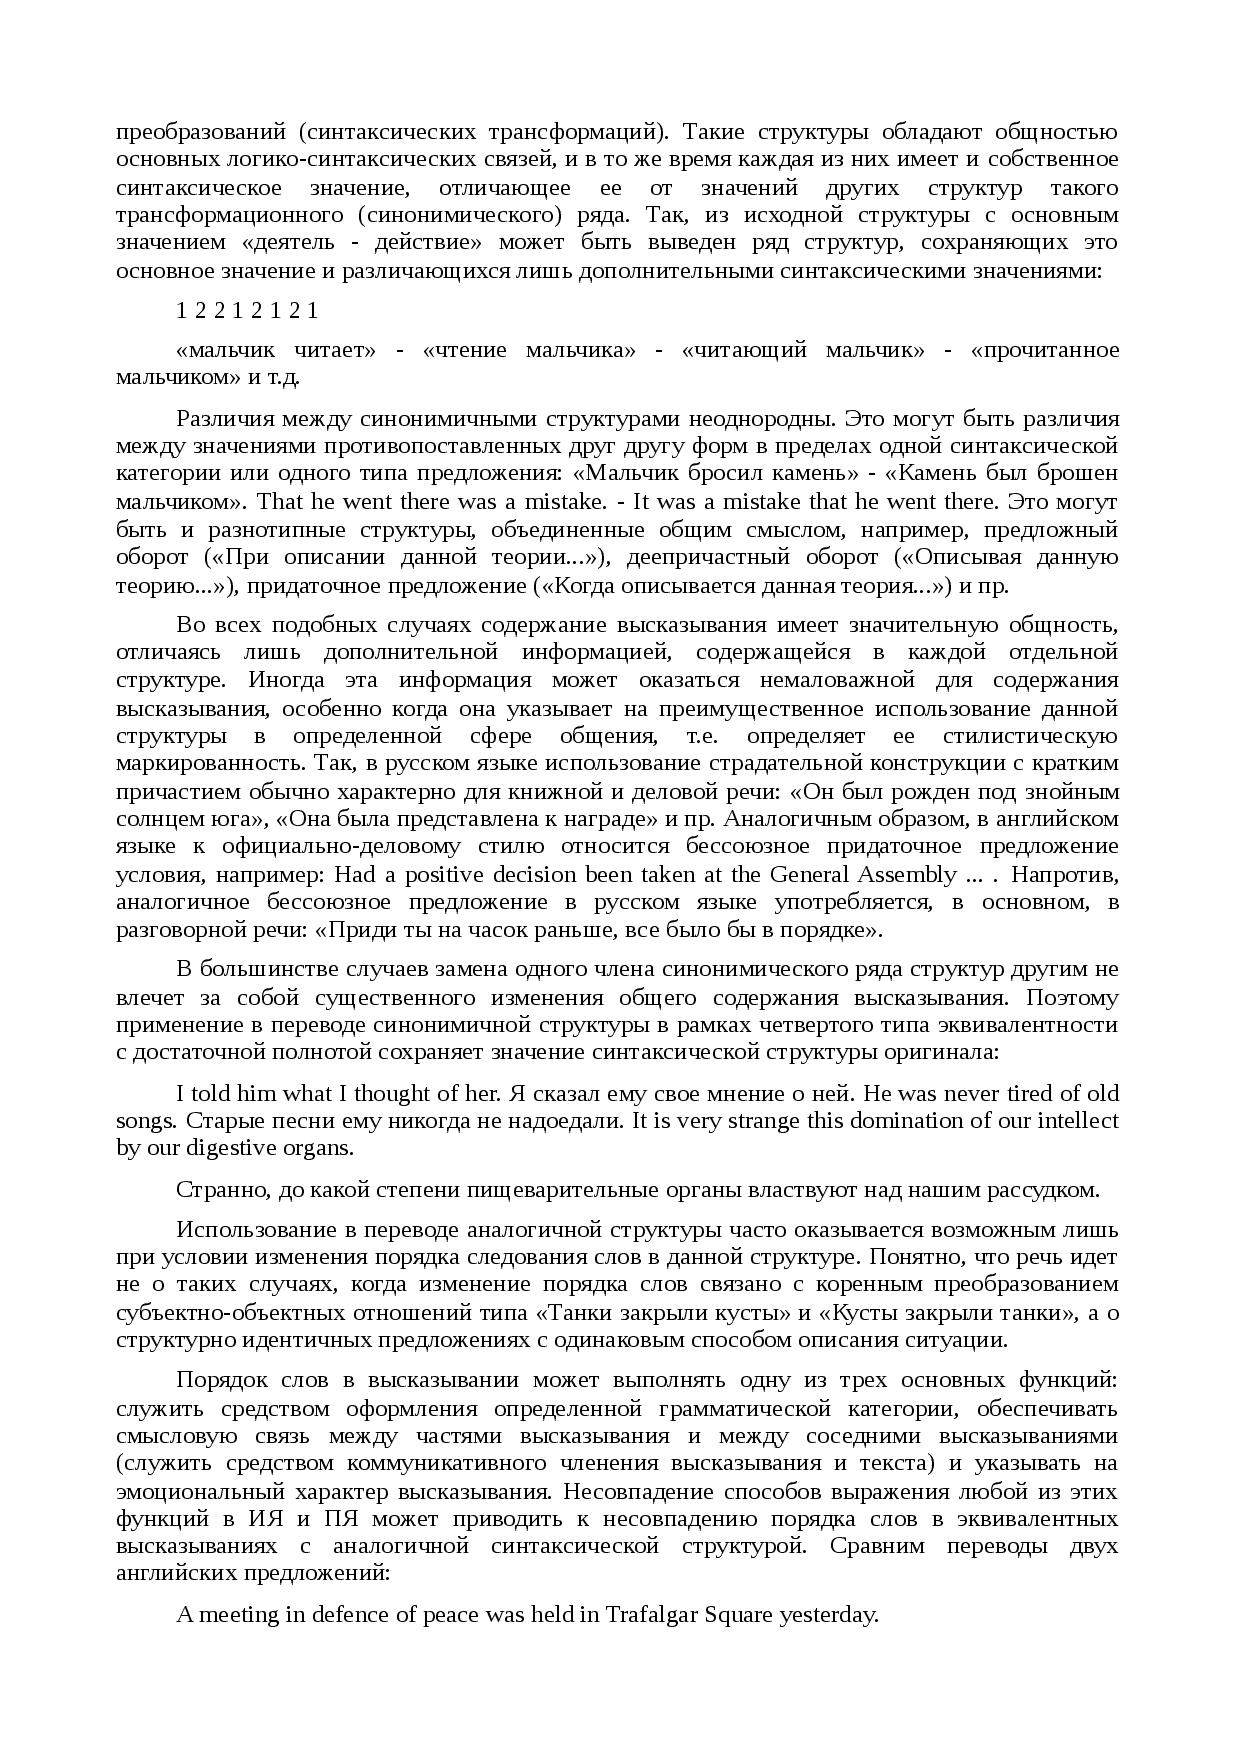 Оригинал документа - это... определение и виды